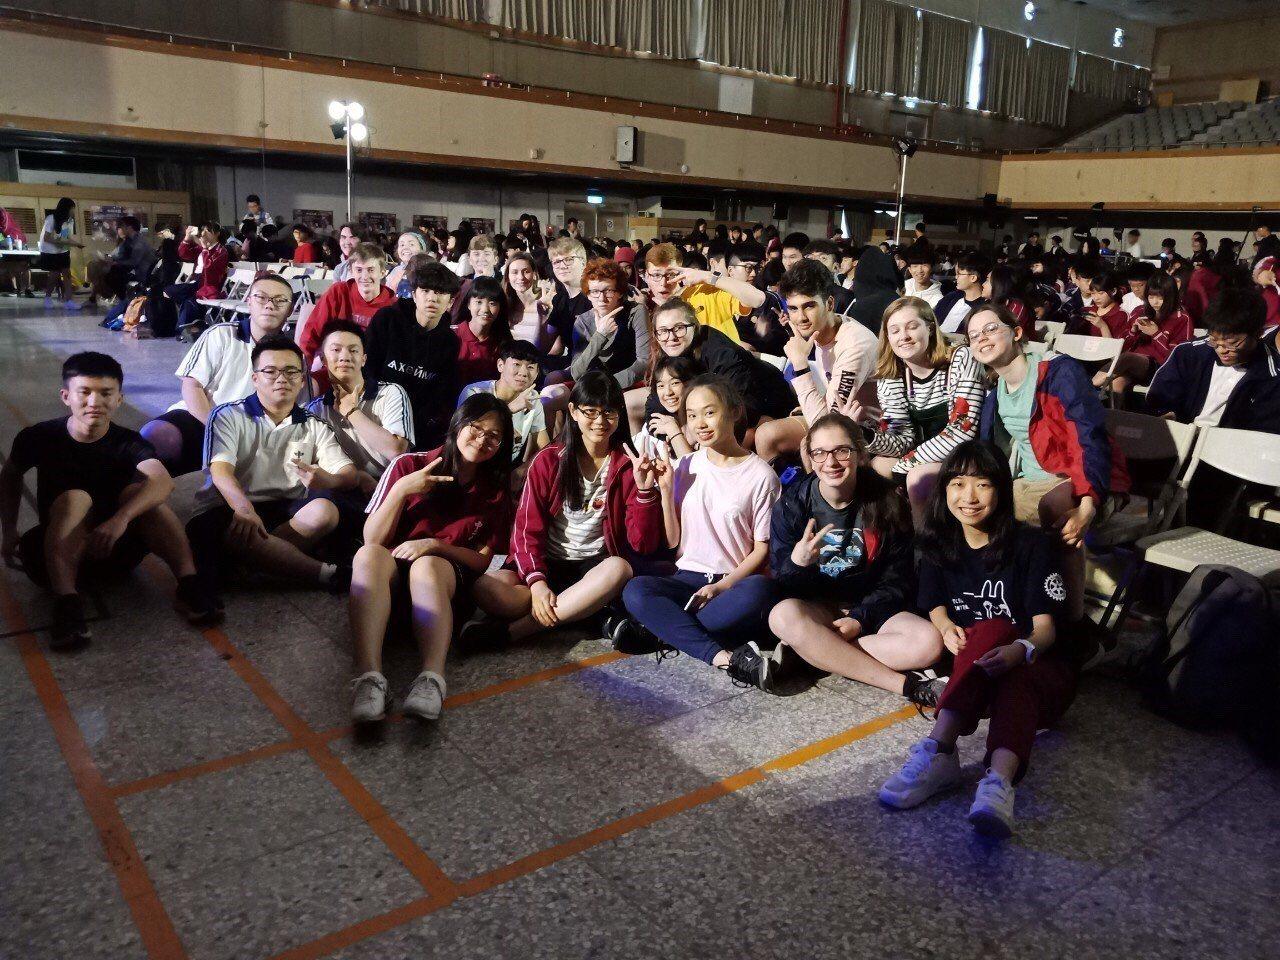 台中二中年度學生歌唱大賽「二中聲」今舉辦決賽,美國友校的交換學生也來參與。圖/台...